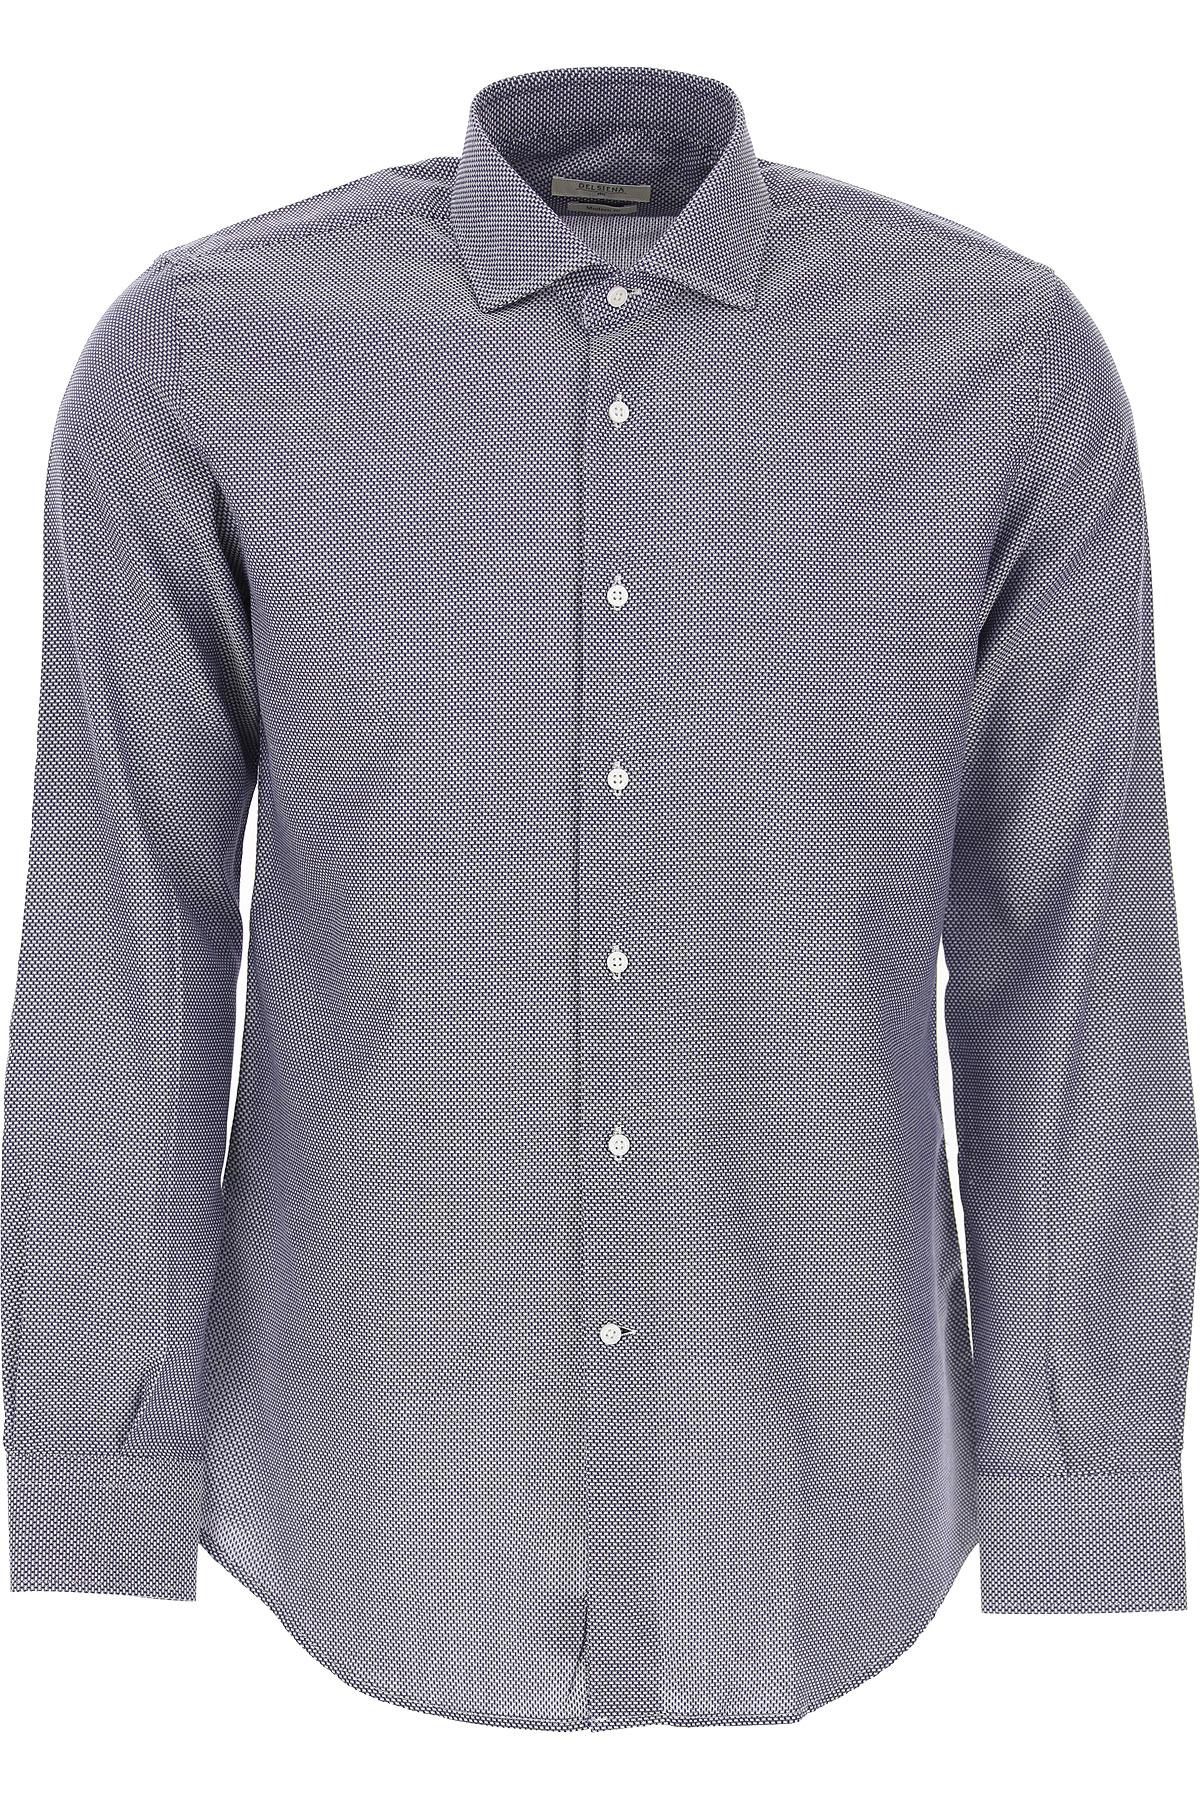 Del Siena Shirt for Men On Sale, Blue, Cotton, 2019, 15 15.75 16 16.5 17